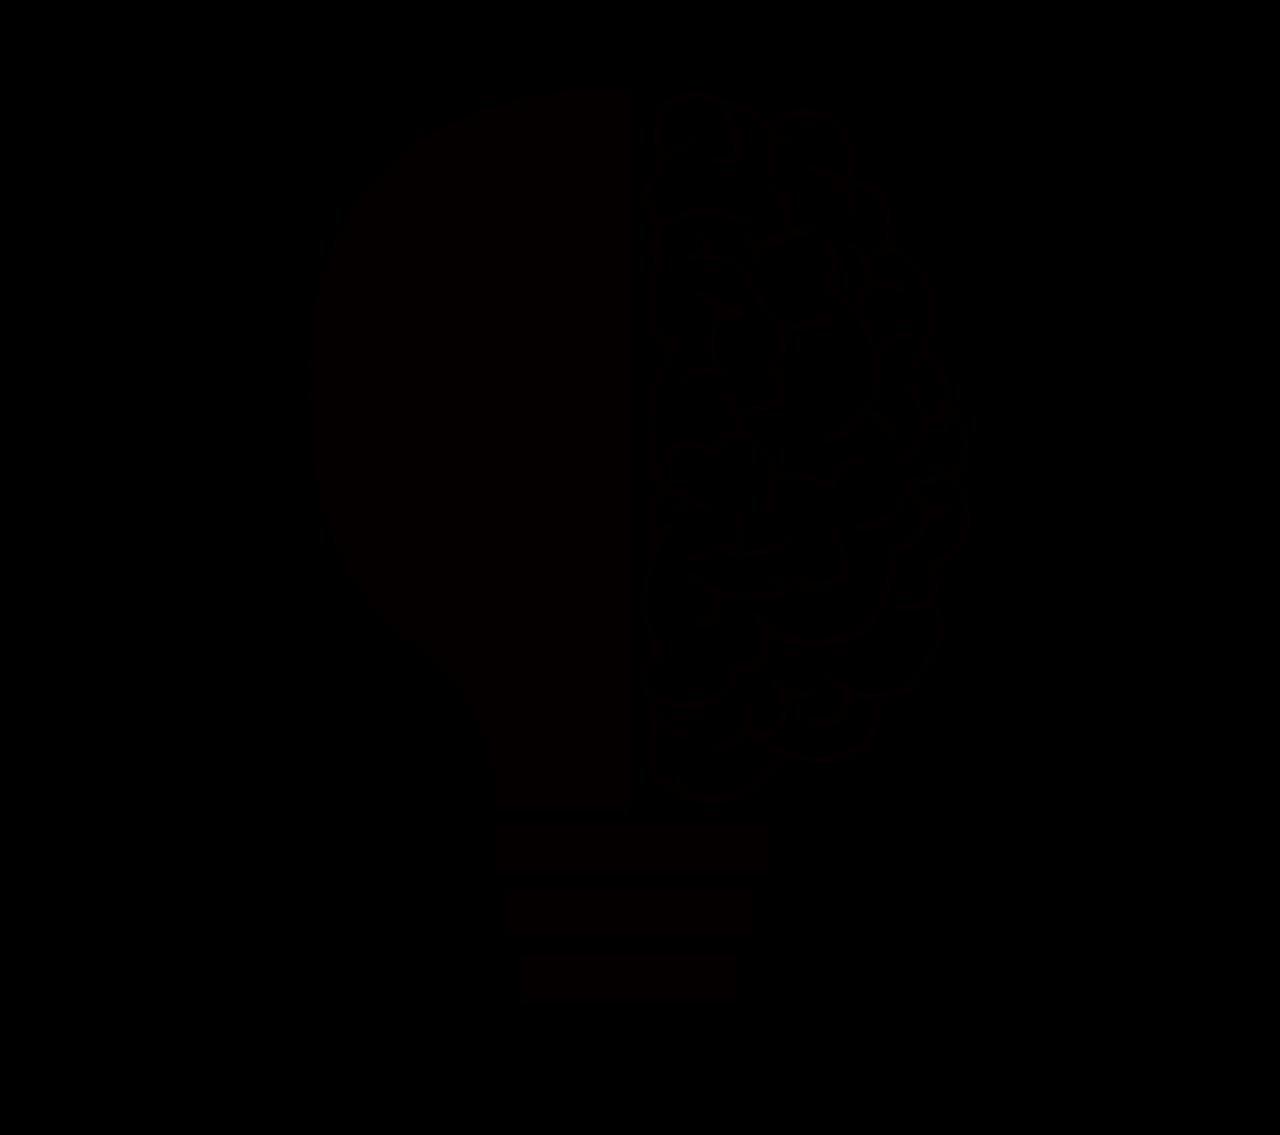 cranium-2099128_1280